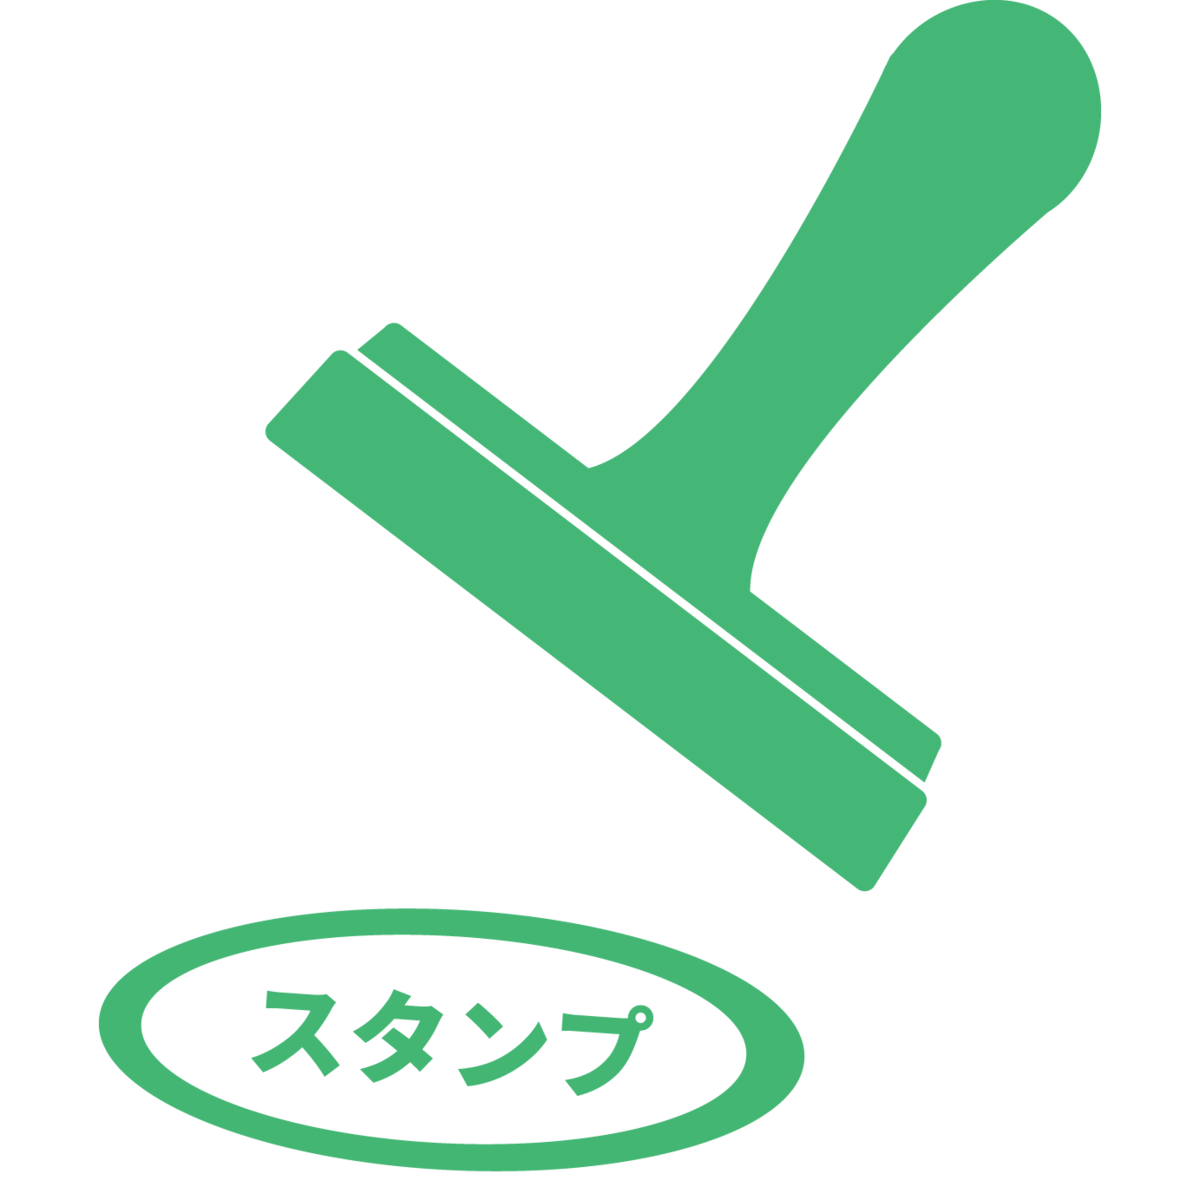 f:id:mojiru:20201026092127p:plain